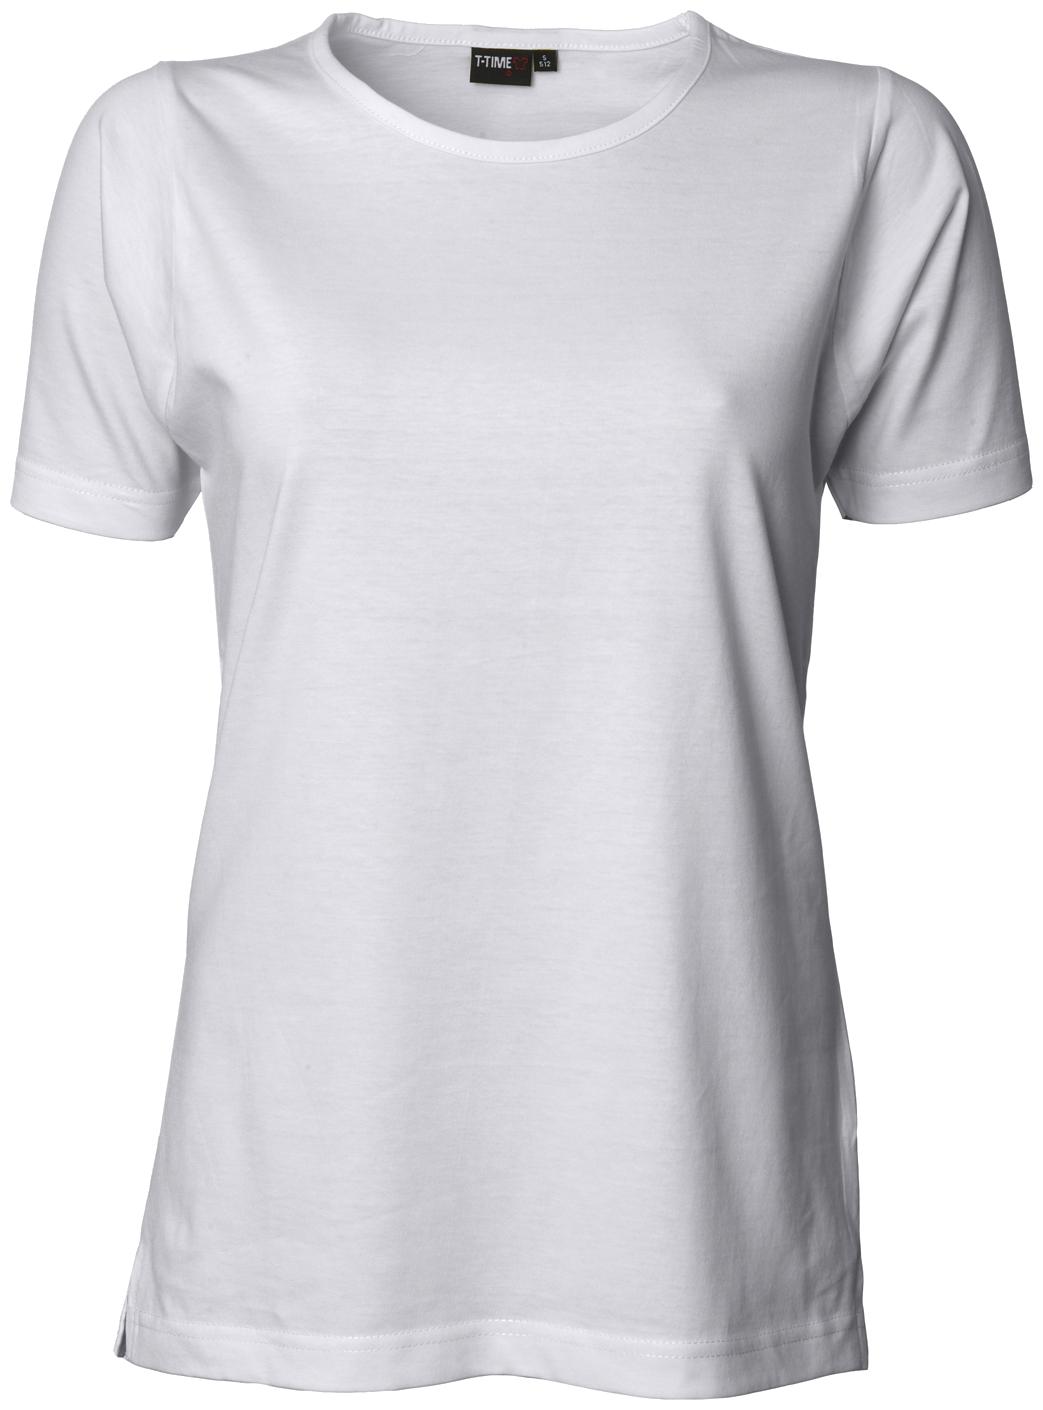 Dame T Shirt Hvid Str. L, ID512 Hvid L T shirts ID